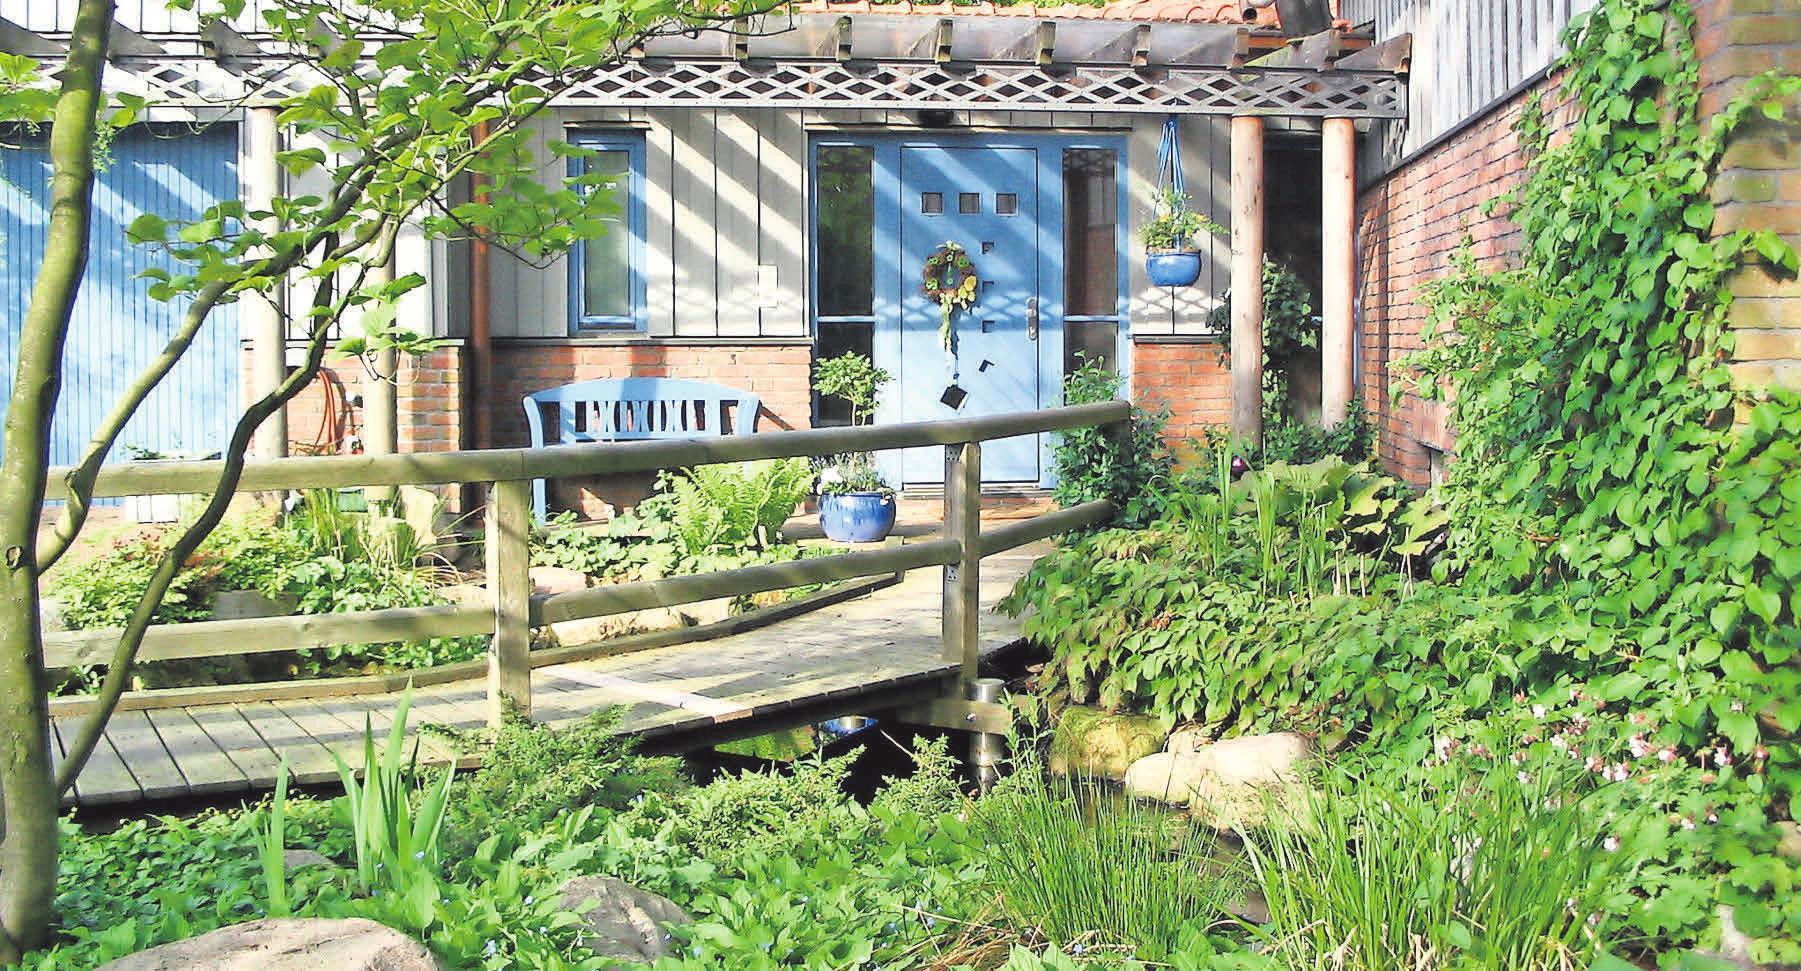 Gärten von Rüdiger Beensen haben einen außergewöhnlichen Charakter.